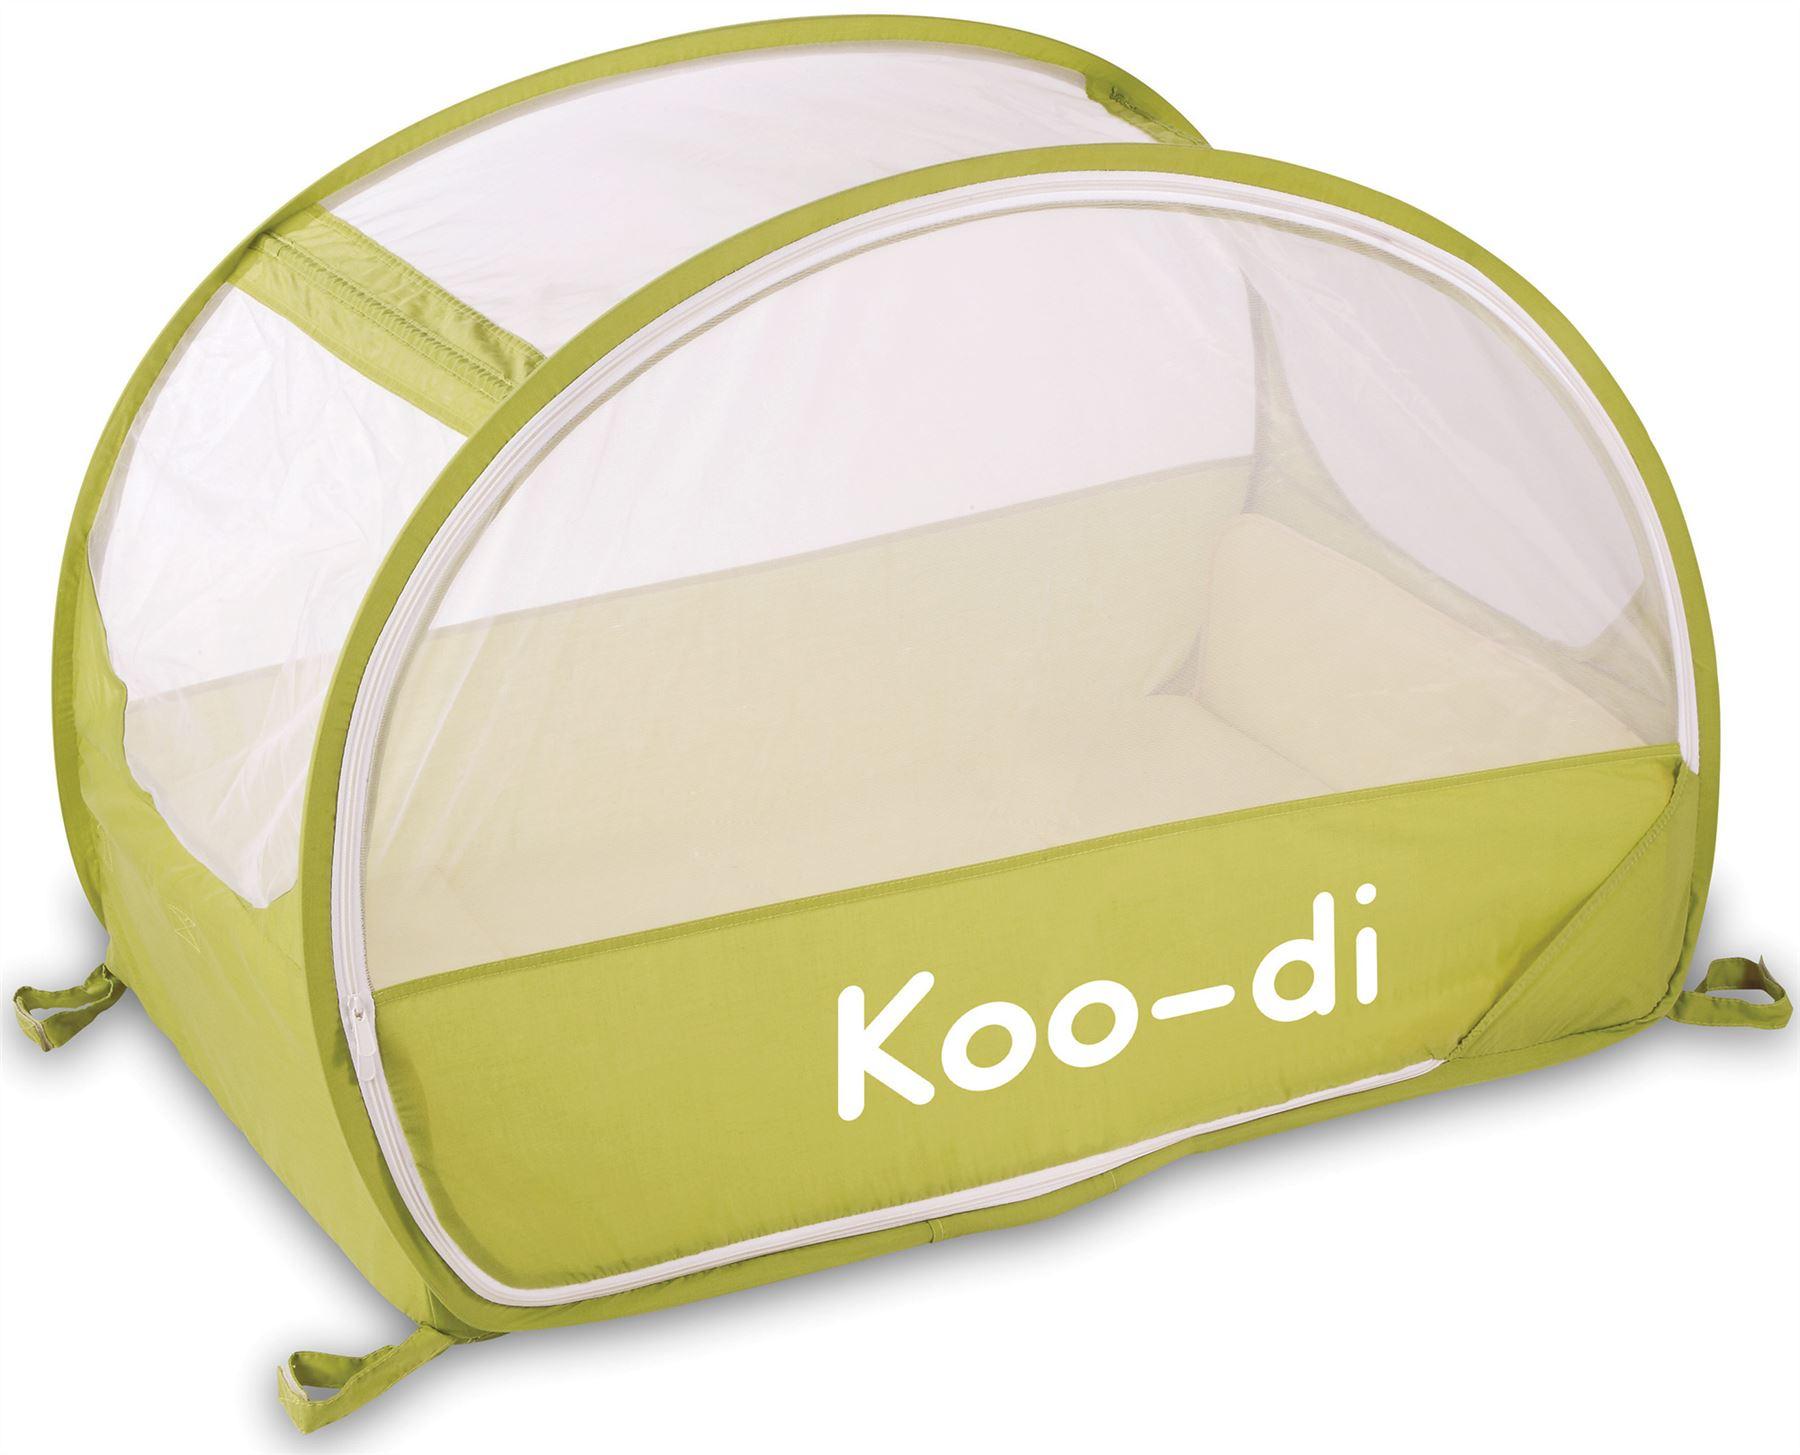 Koo-di-Pop-Up-Viaggio-Bolle-Culla-Bambino-Sonno-Accessorio-Da-Viaggio-Nuovo-con-Scatola